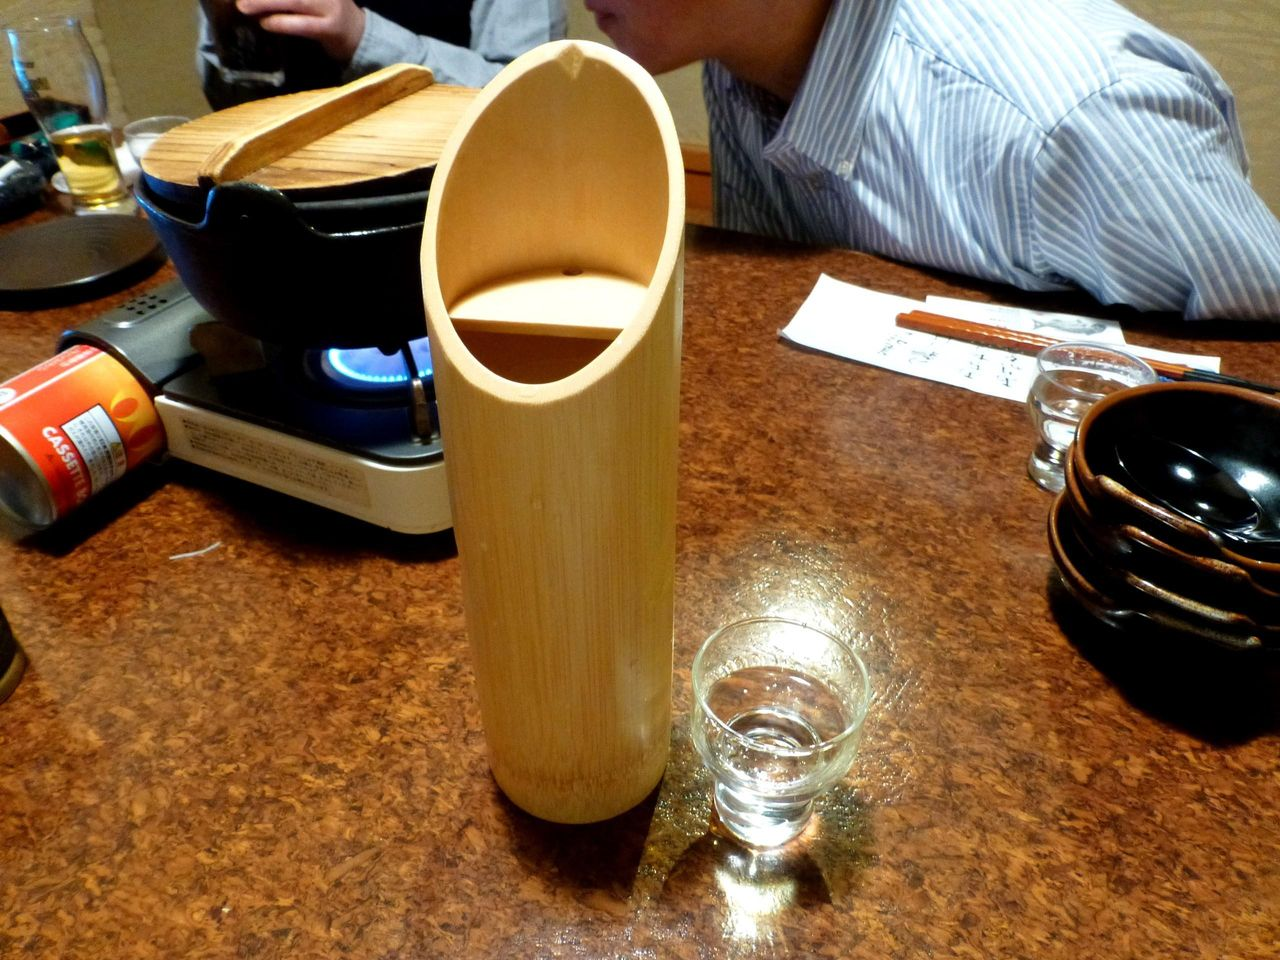 冷酒2合648円は、竹を加工したオシャレな器で登場!